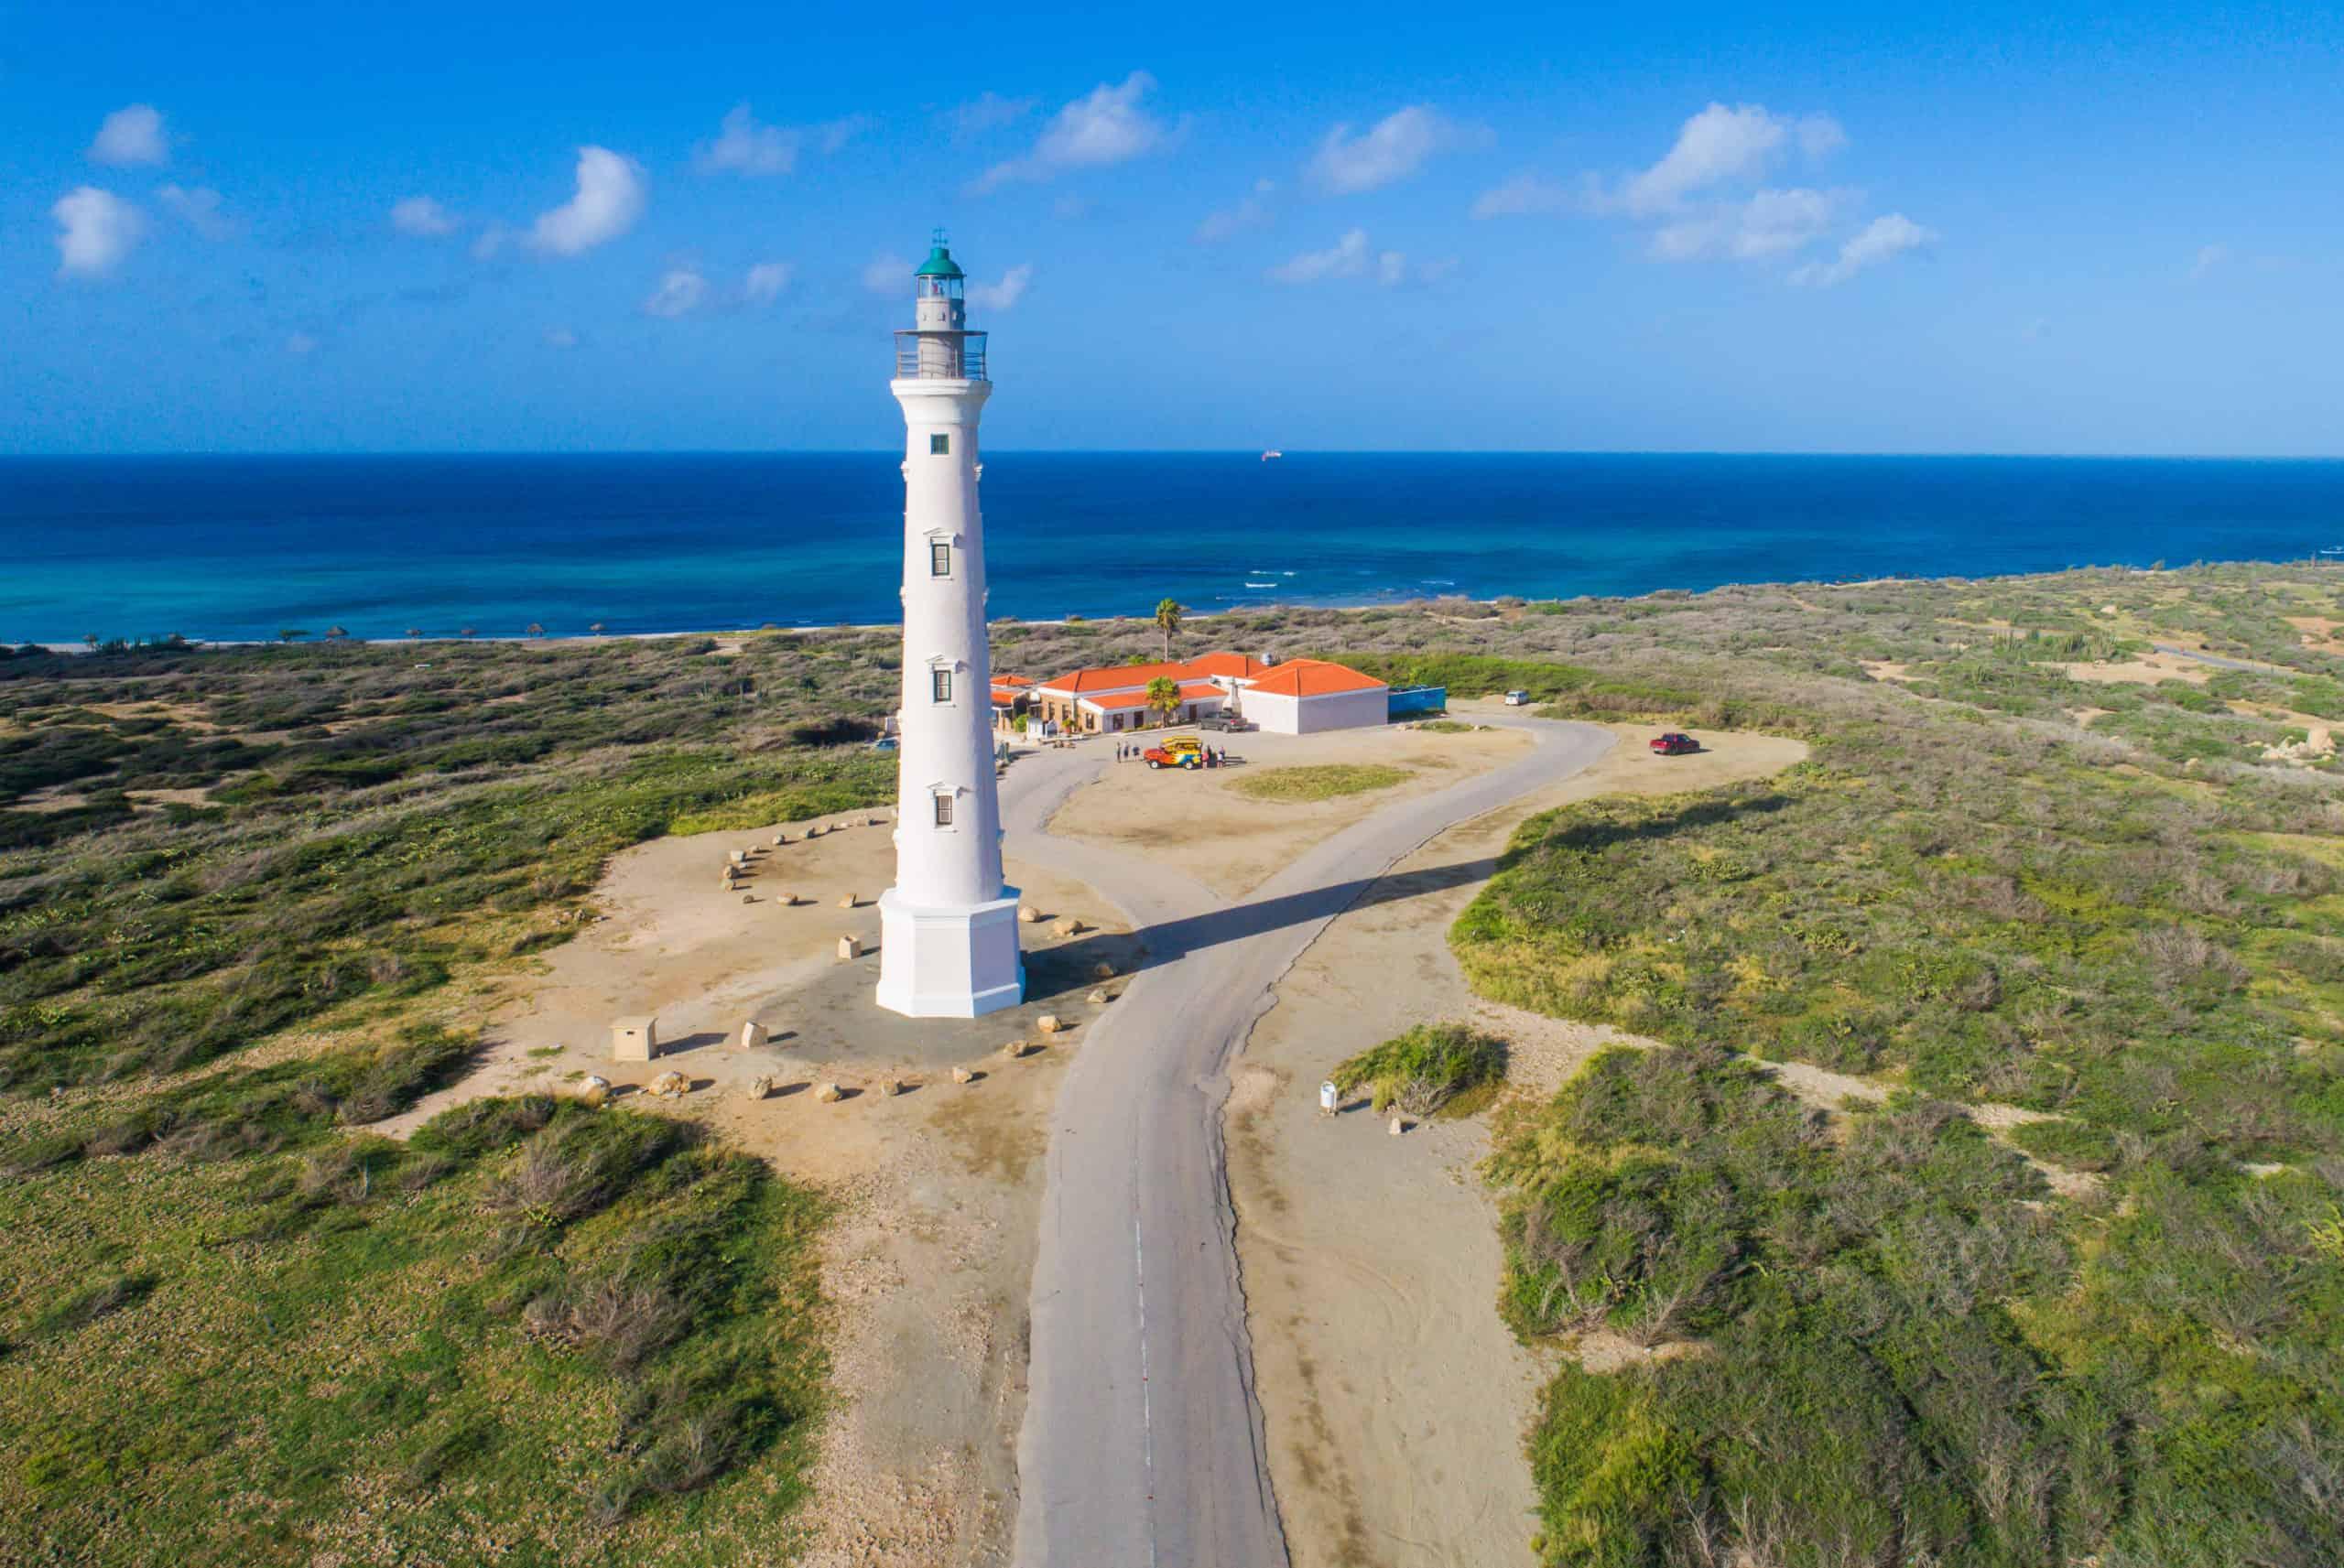 Aruba recibe el sello Viajes Seguros por parte del Consejo Mundial de Viajes y Turismo (WTTC)